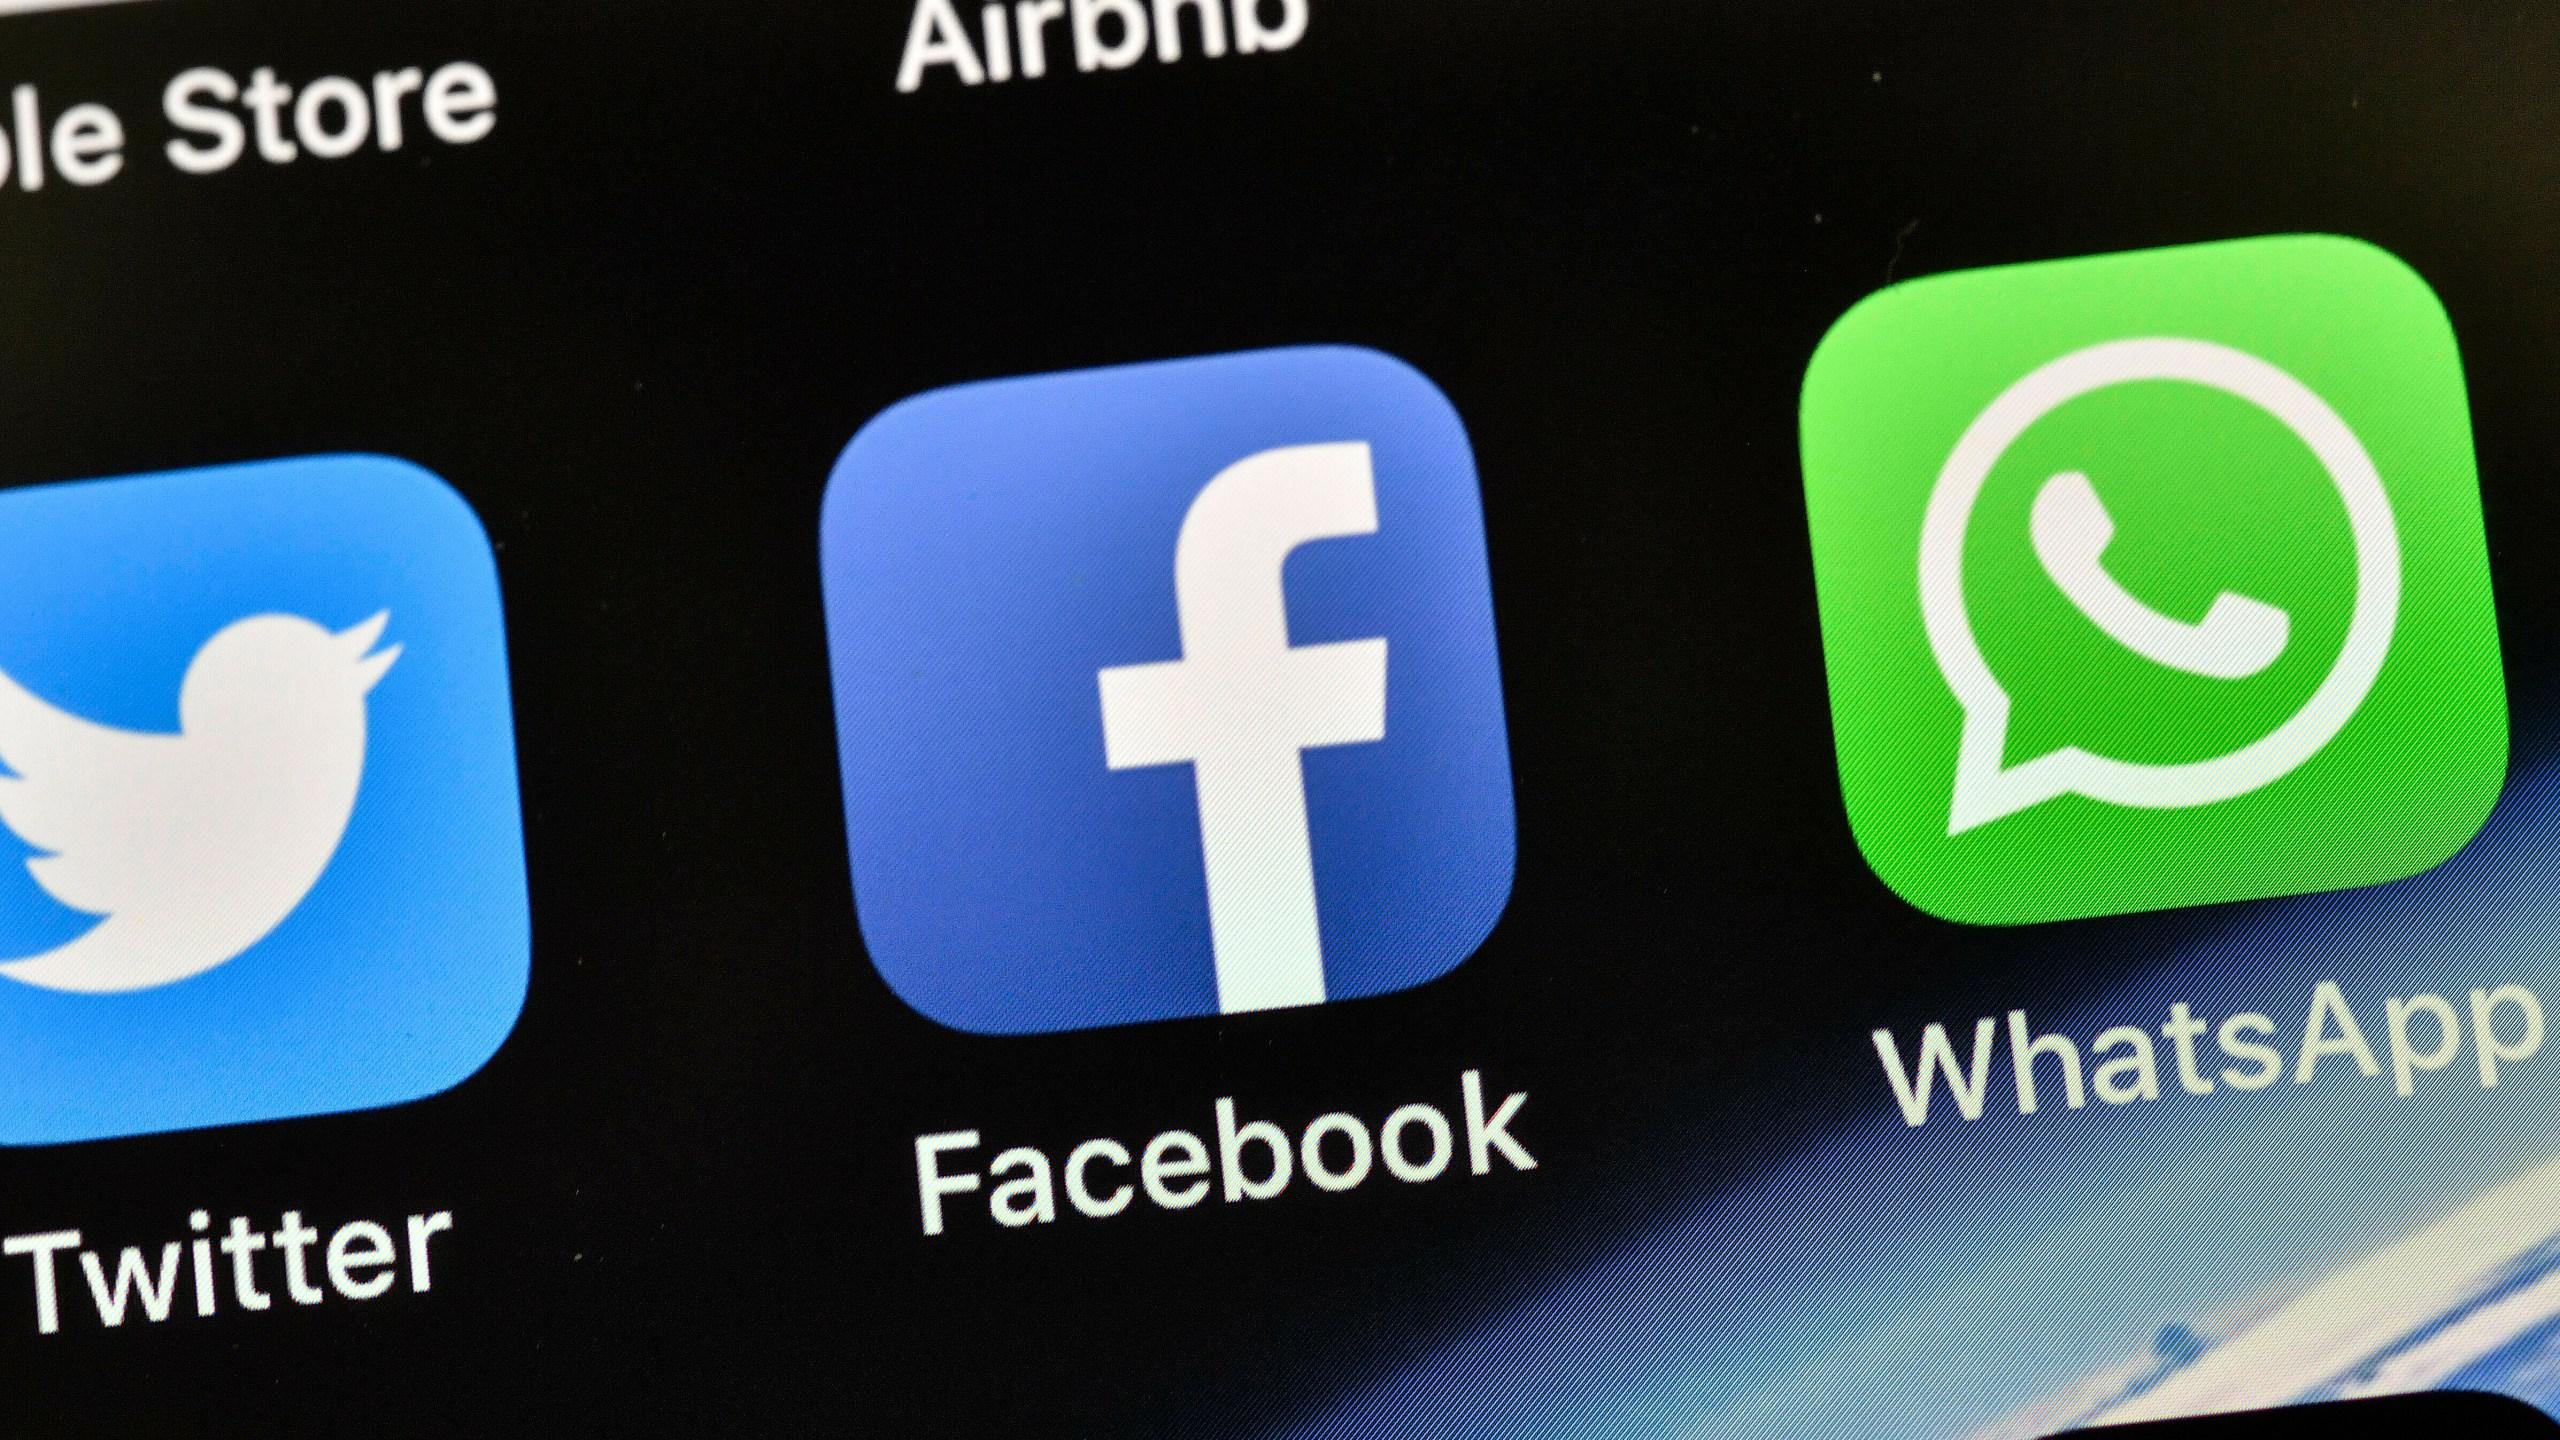 Facebook_Secure_Messages_71038-159532-159532.jpg25603763